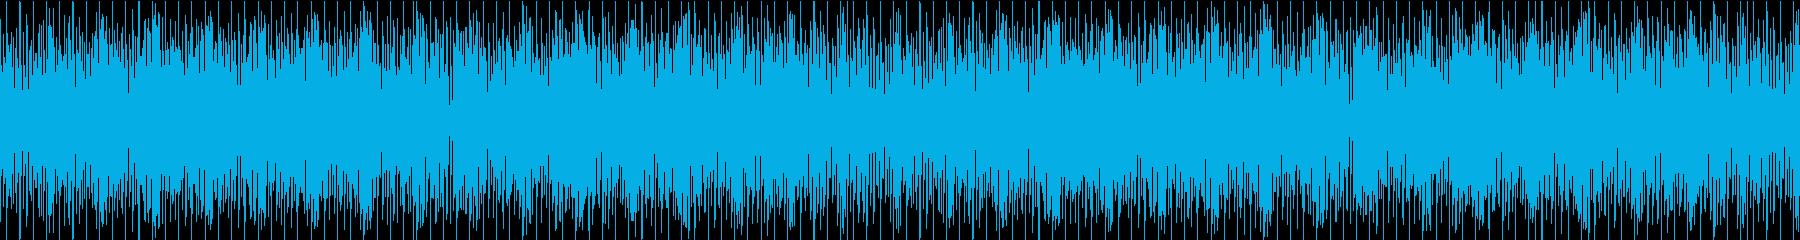 明るく可愛いBGM/オケ/ループ可能の再生済みの波形